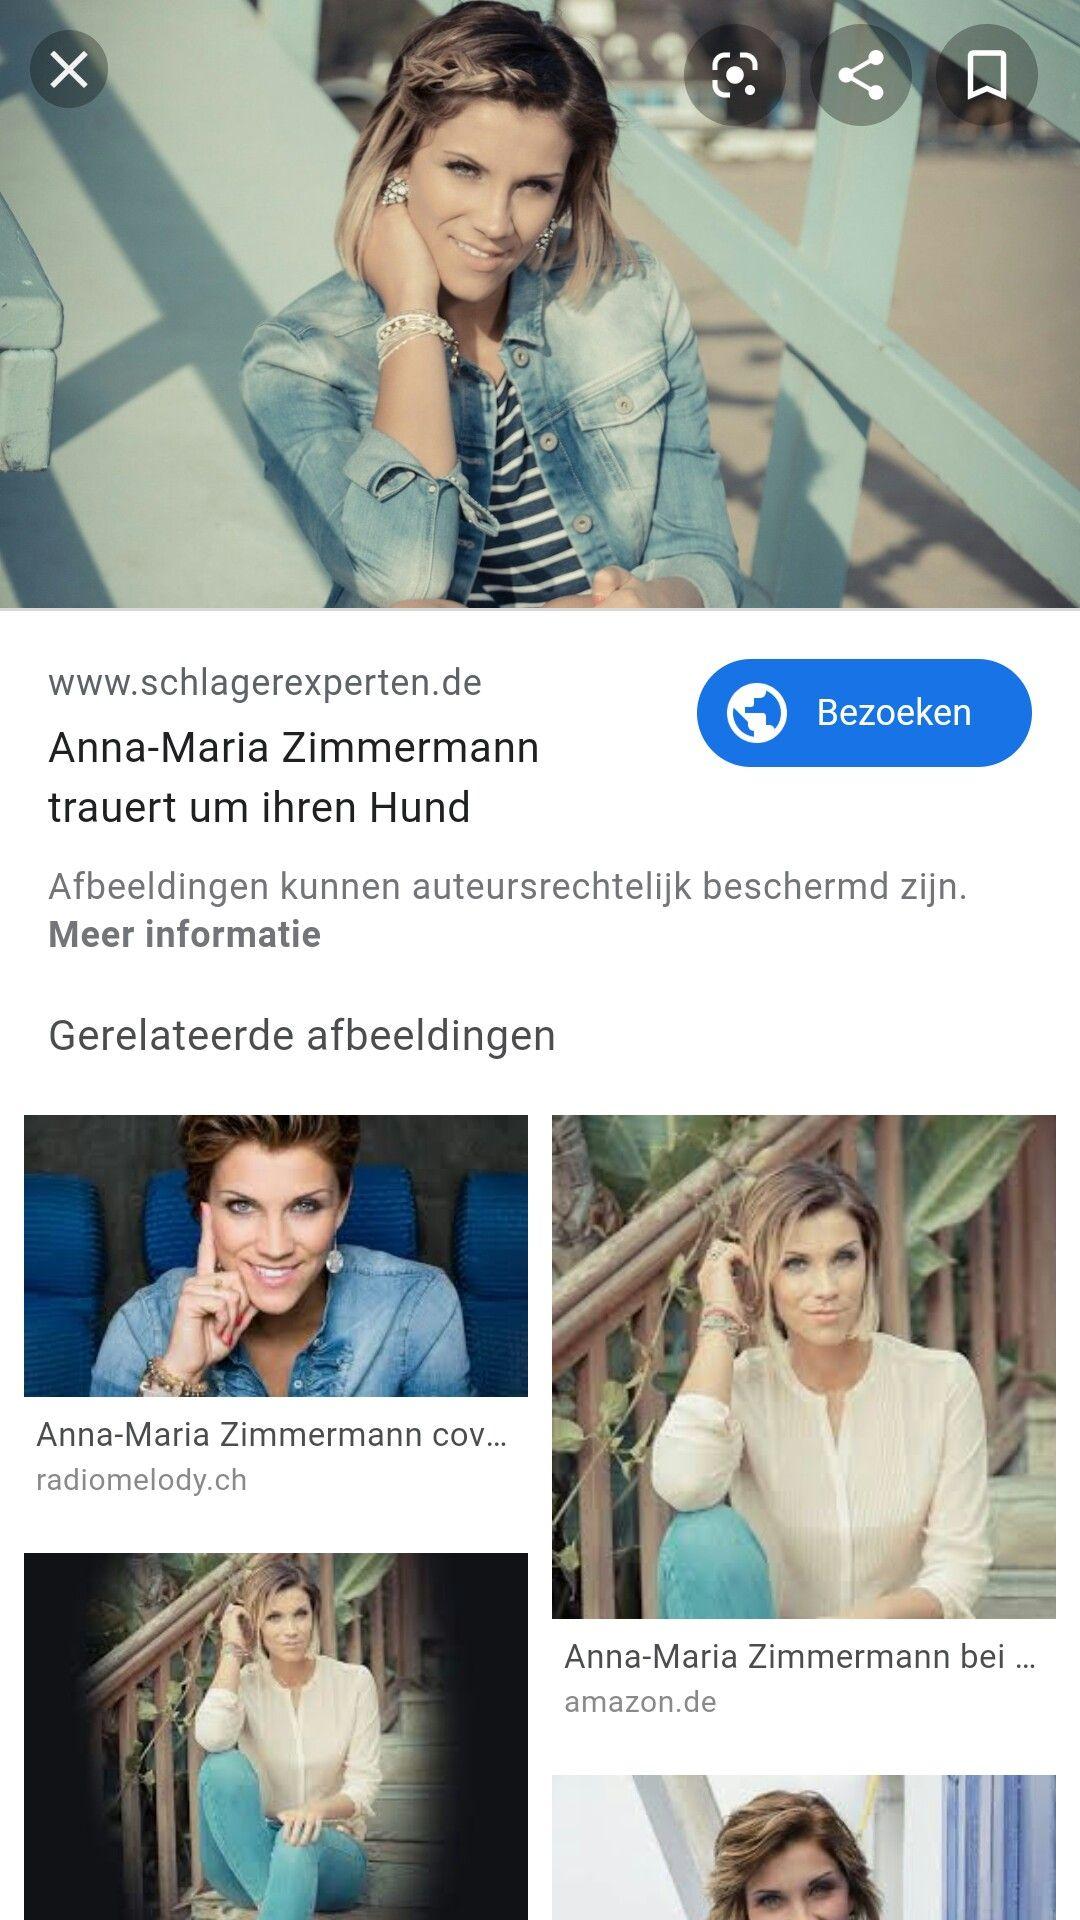 Anna-Maria nackt Zimmermann Anna Maria